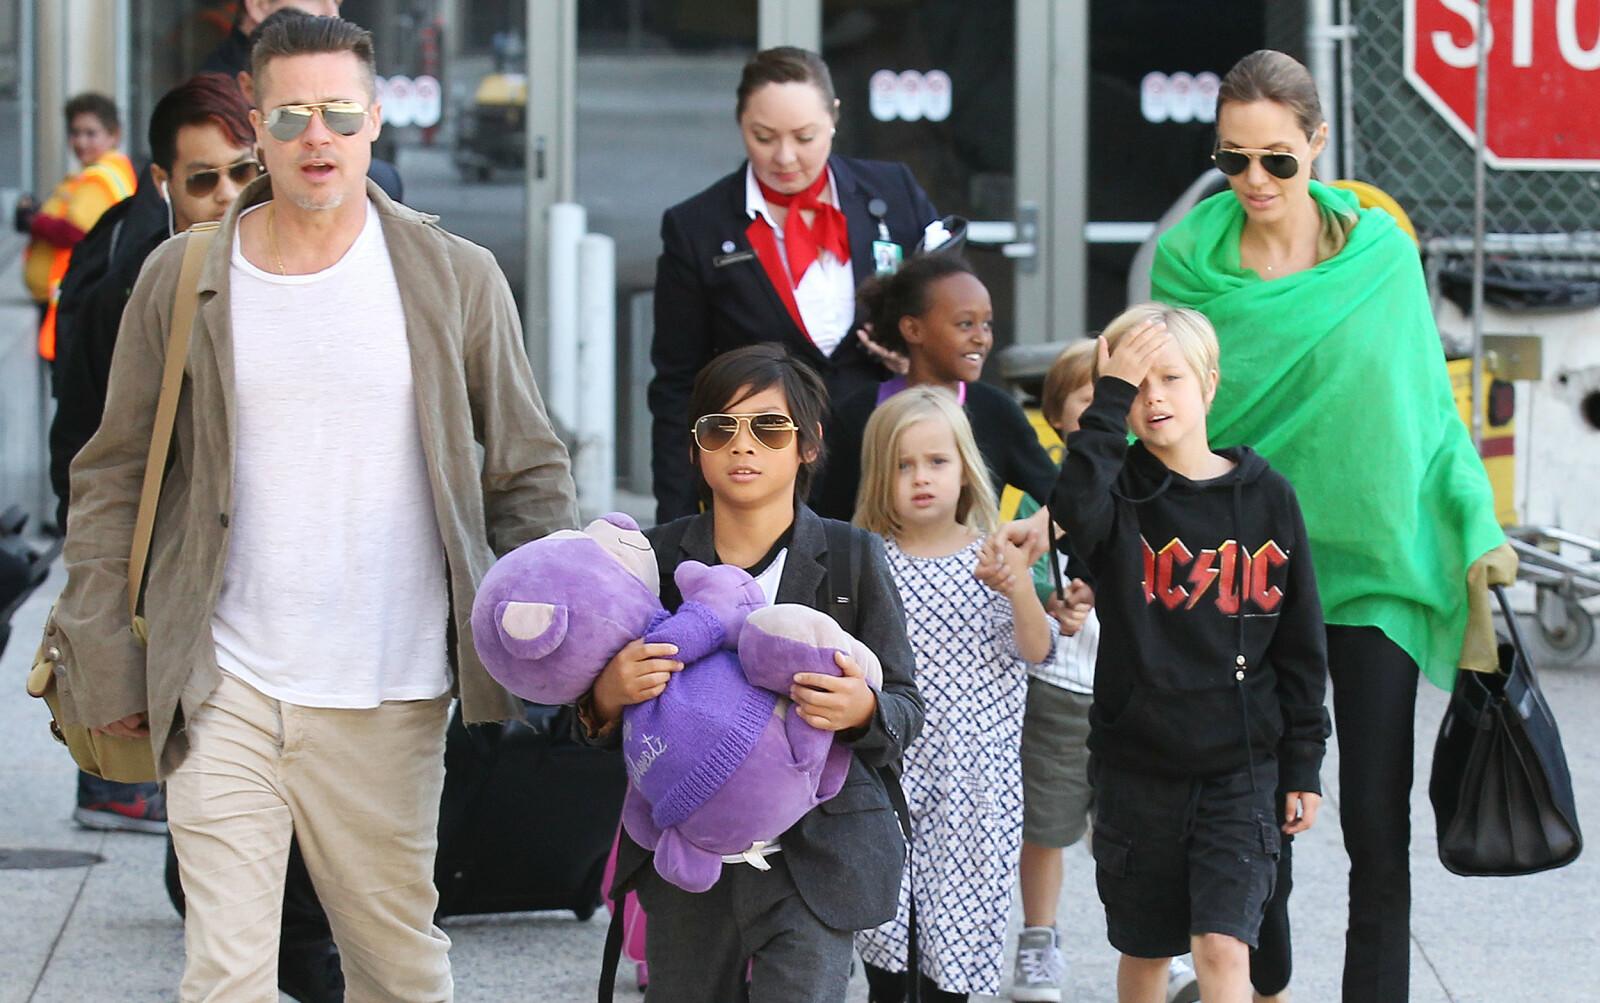 <strong>BARNEFLOKKEN:</strong> Brad Pitt og Angelina Jolie har barna Maddox, Shiloh, Pax, Knox, Vivienne og Zahara sammen. I dag krangler de om hvordan de skal fordele foreldreretten for barna etter skilsmissen i 2016. Dette bildet ble tatt i 2014. FOTO: NTB scanpix